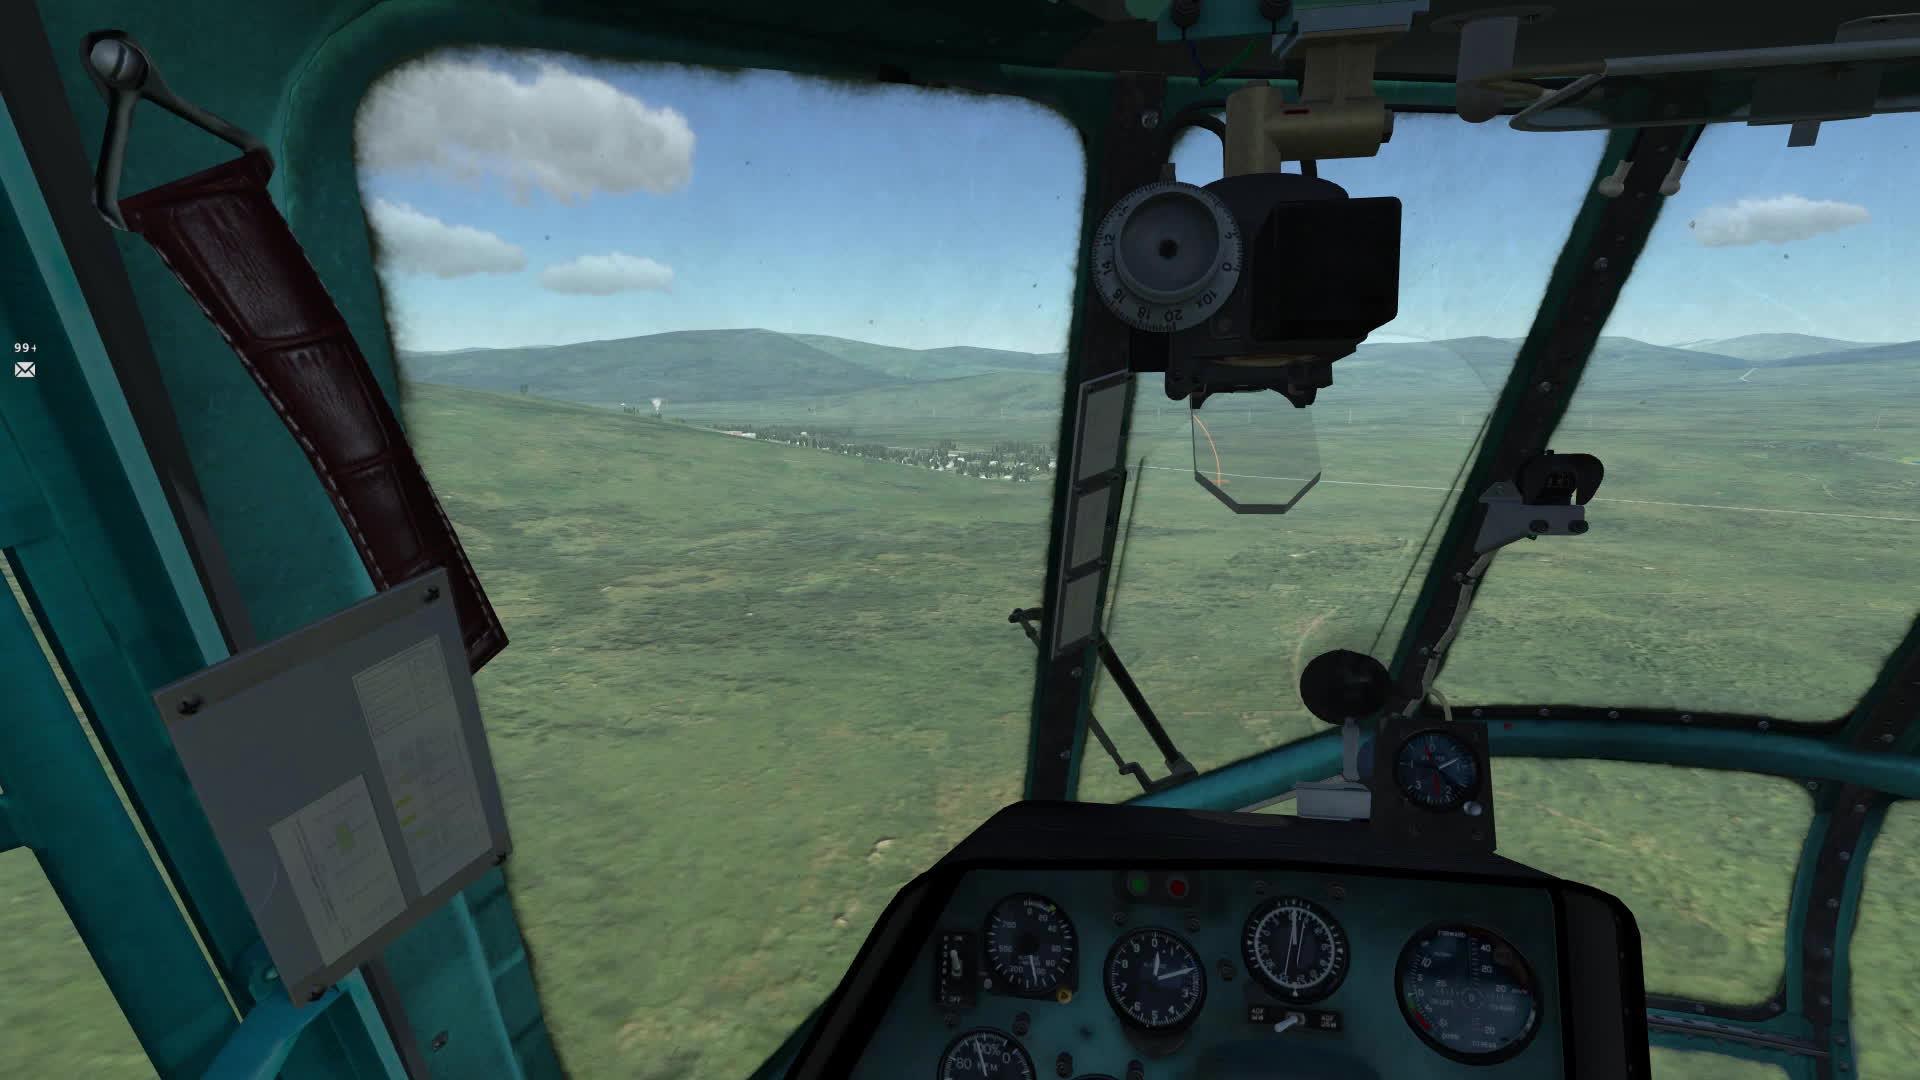 hoggit, Su-27 and Mi-8 formation flight GIFs